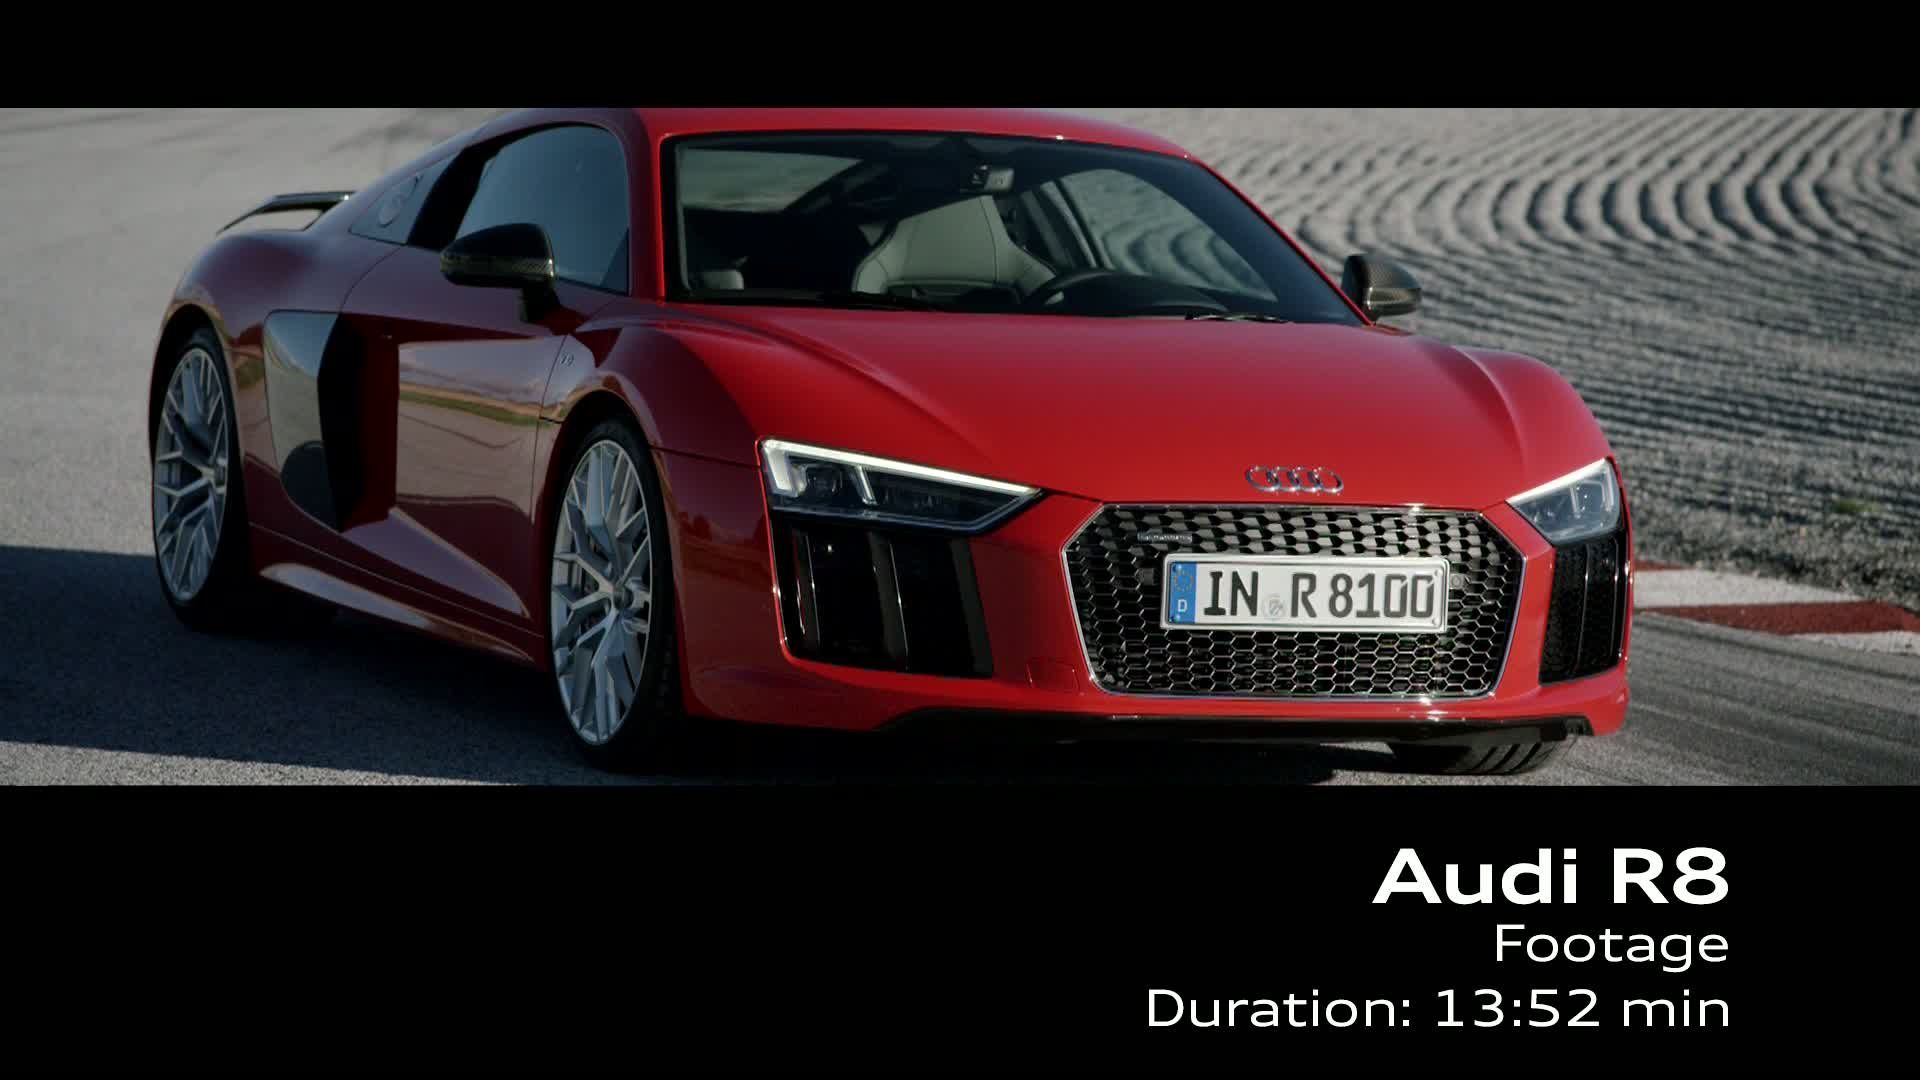 Audi R8 V10 plus - Footage